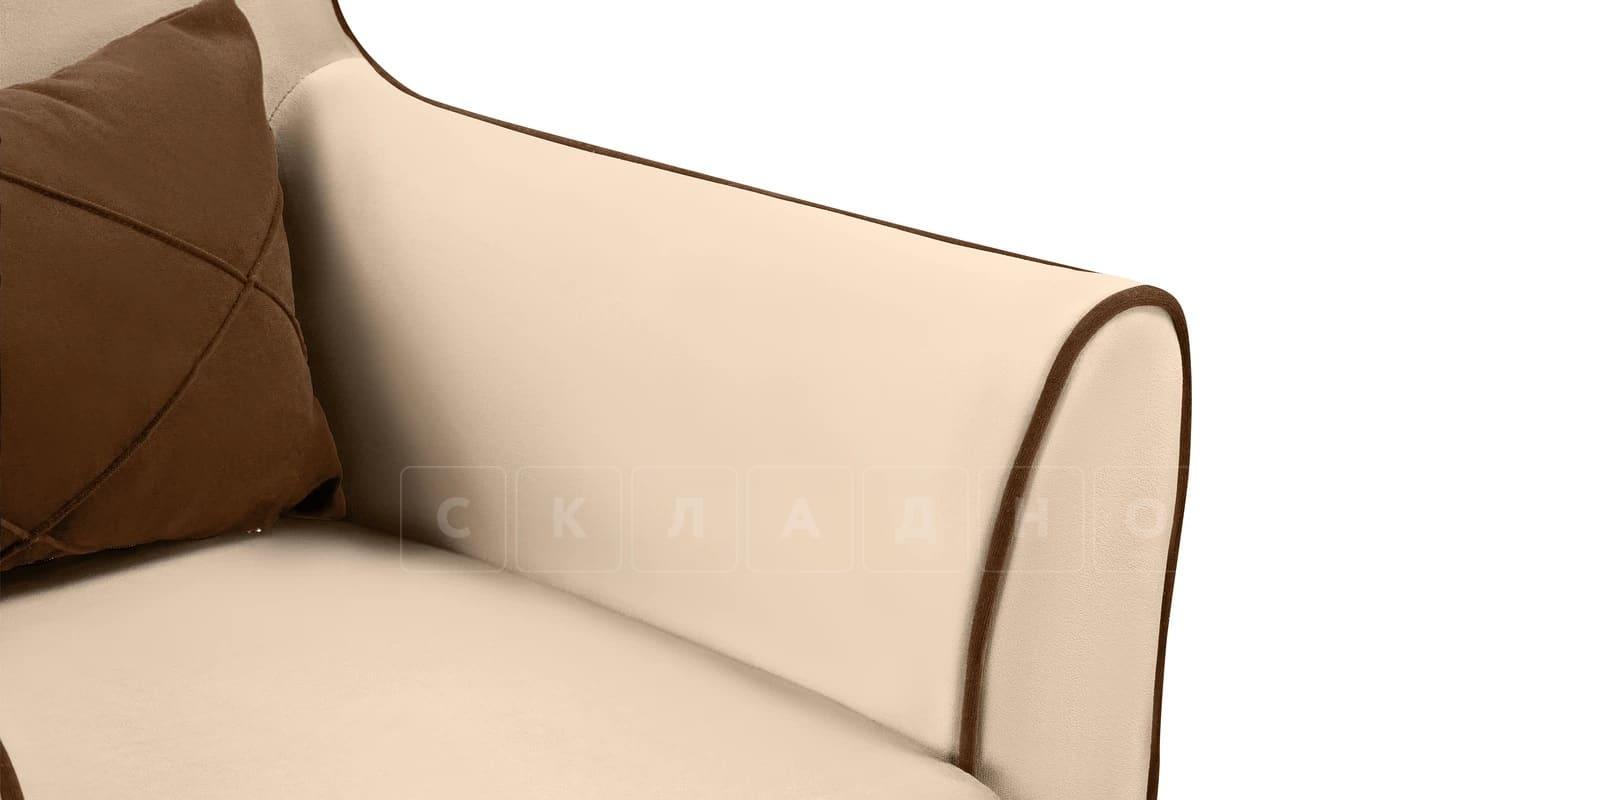 Кресло Флэтфорд велюр бежевый с коричневым кантом фото 6 | интернет-магазин Складно